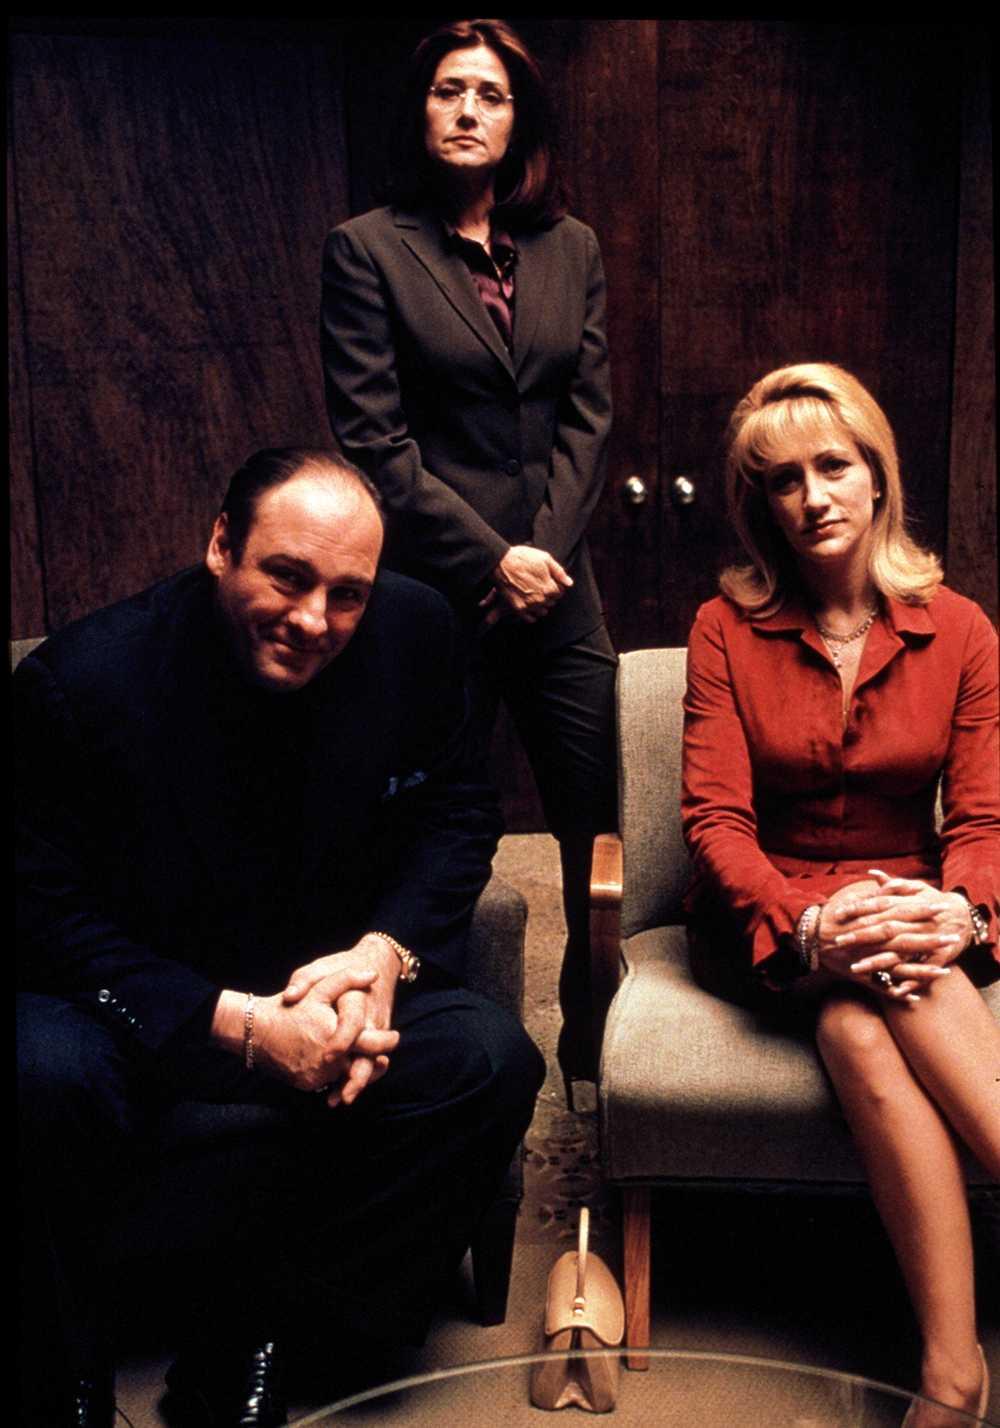 Tony Soprano med hustrun, spelad av Edie Falco och terapeuten, spelad av Lorraine Bracco. Serien kretsar kring maffiabossens terapibesök.